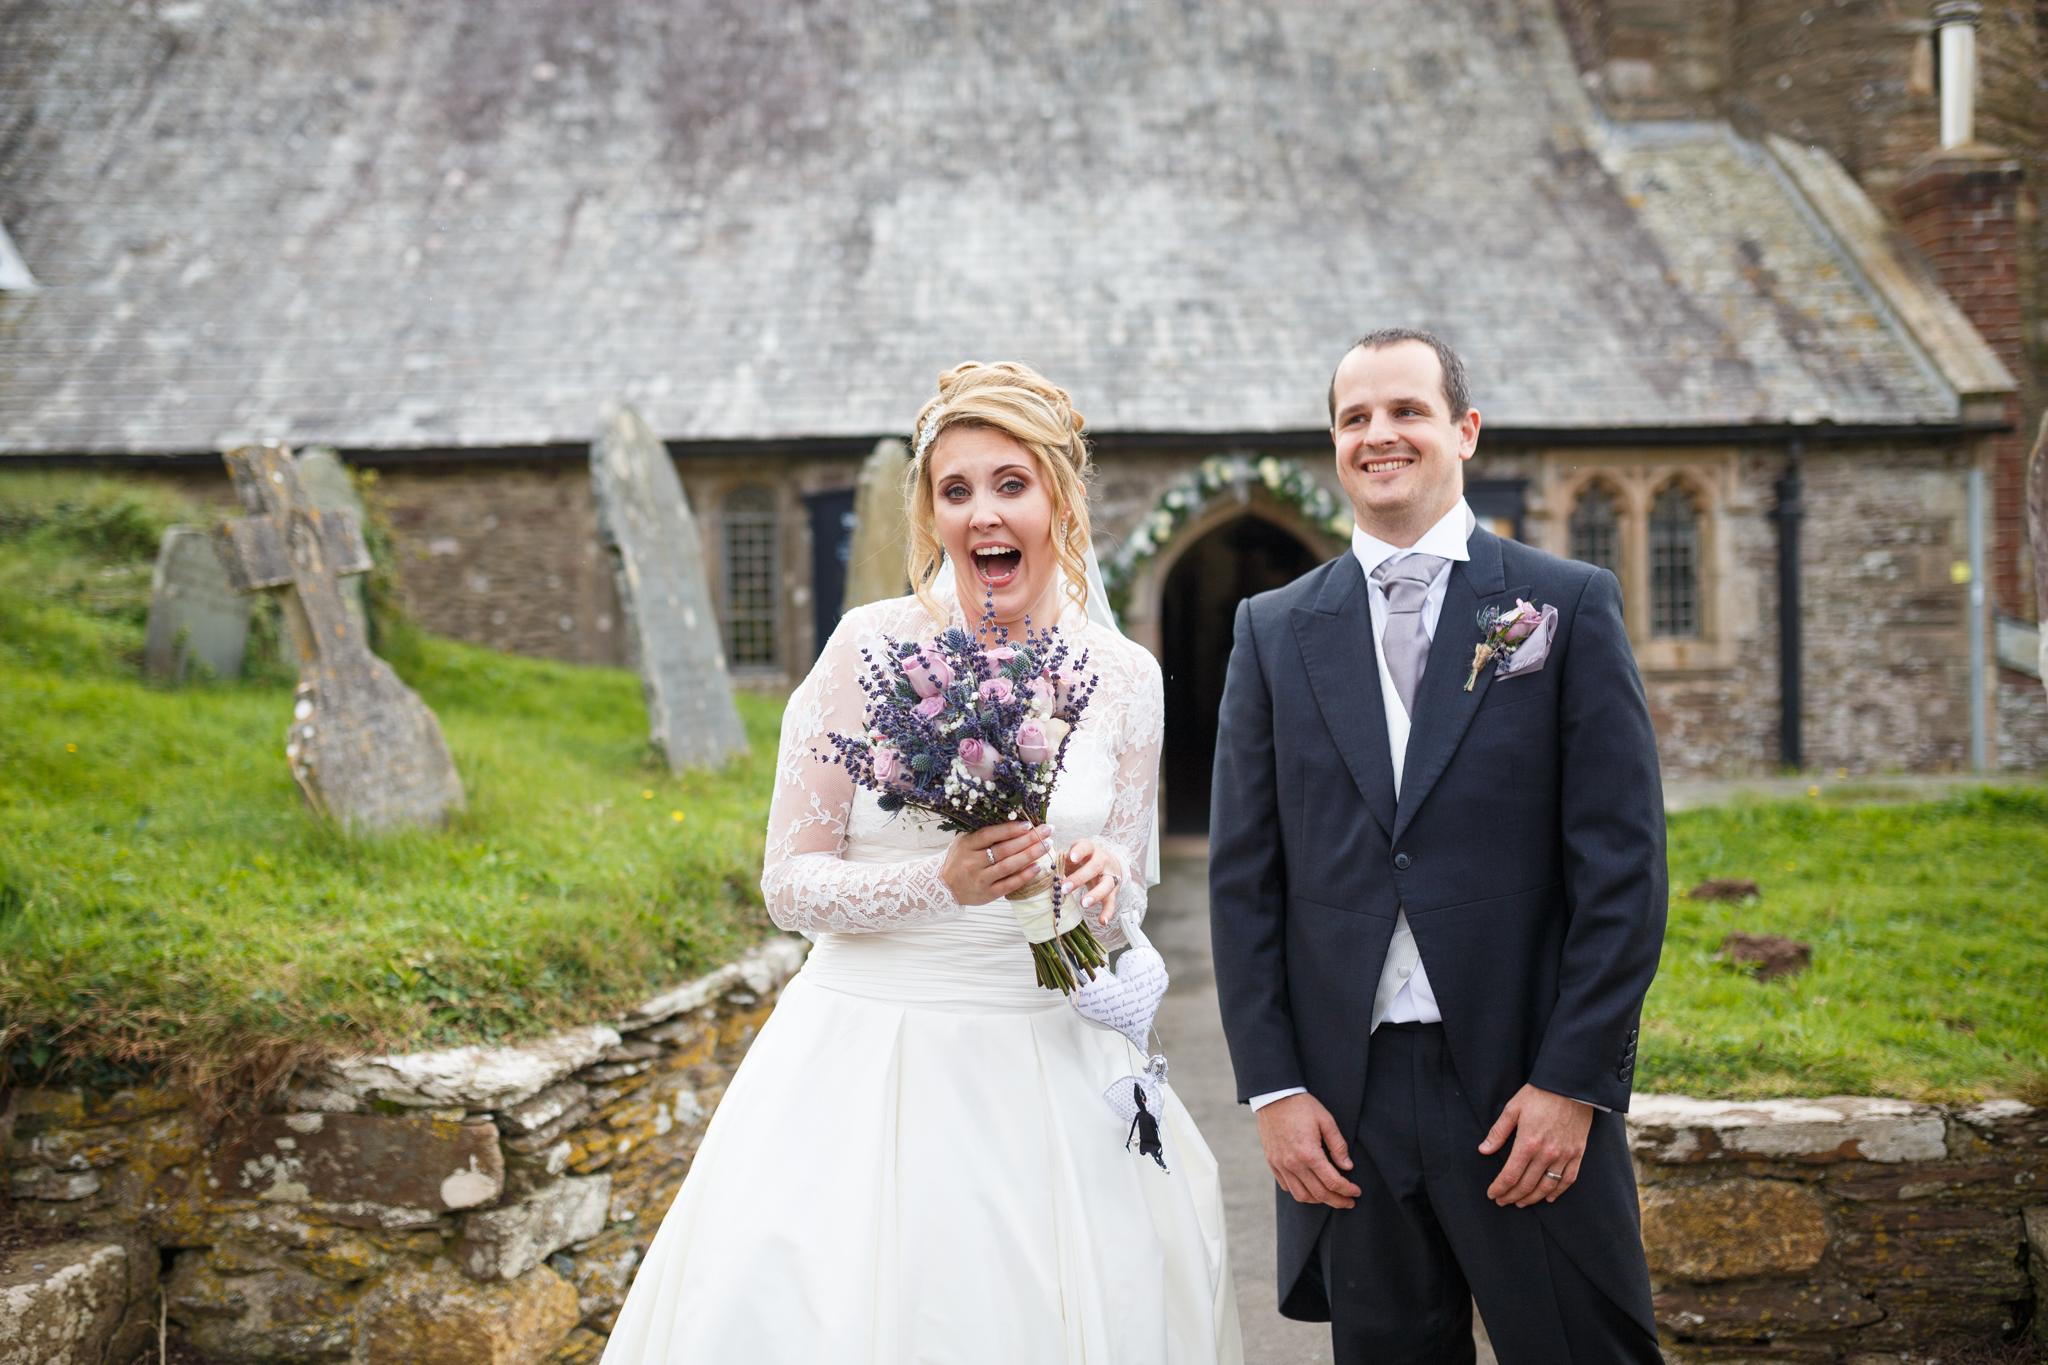 Simon_Rawling_Wedding_Photography-413.jpg